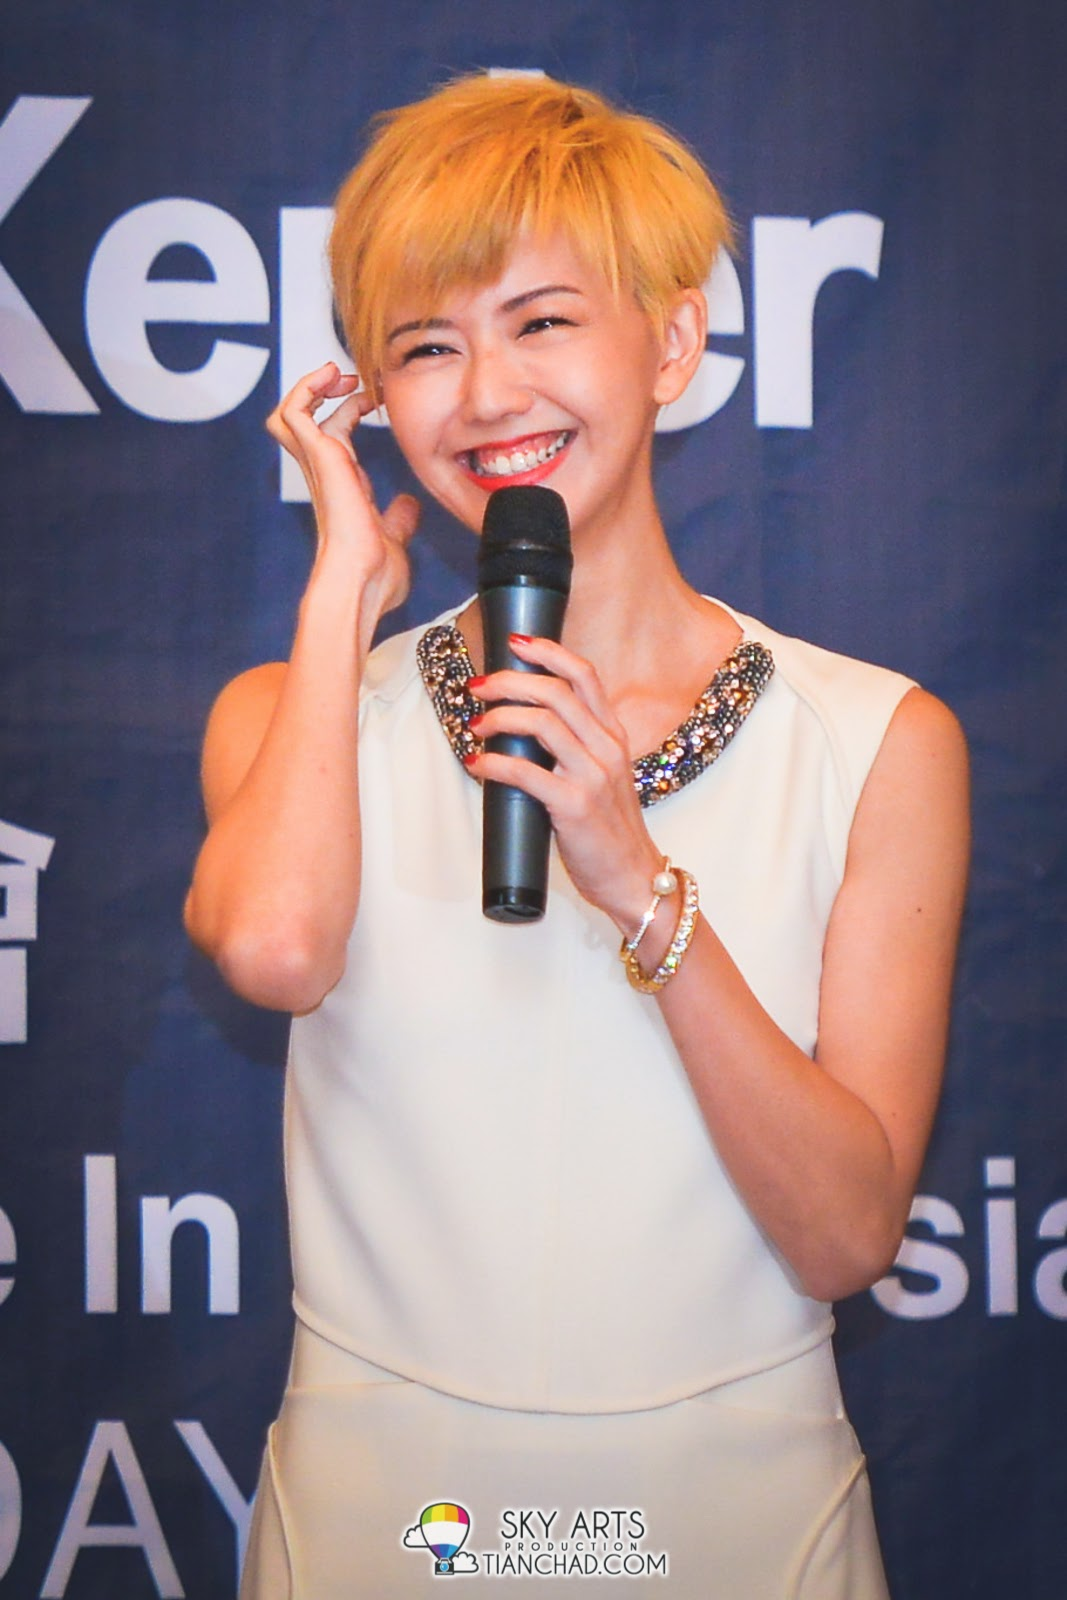 《孙燕姿2014克卜勒世界巡回演唱会》- 马来西亚站 Stefanie Sun Kepler World Tour Live in Malaysia 2014